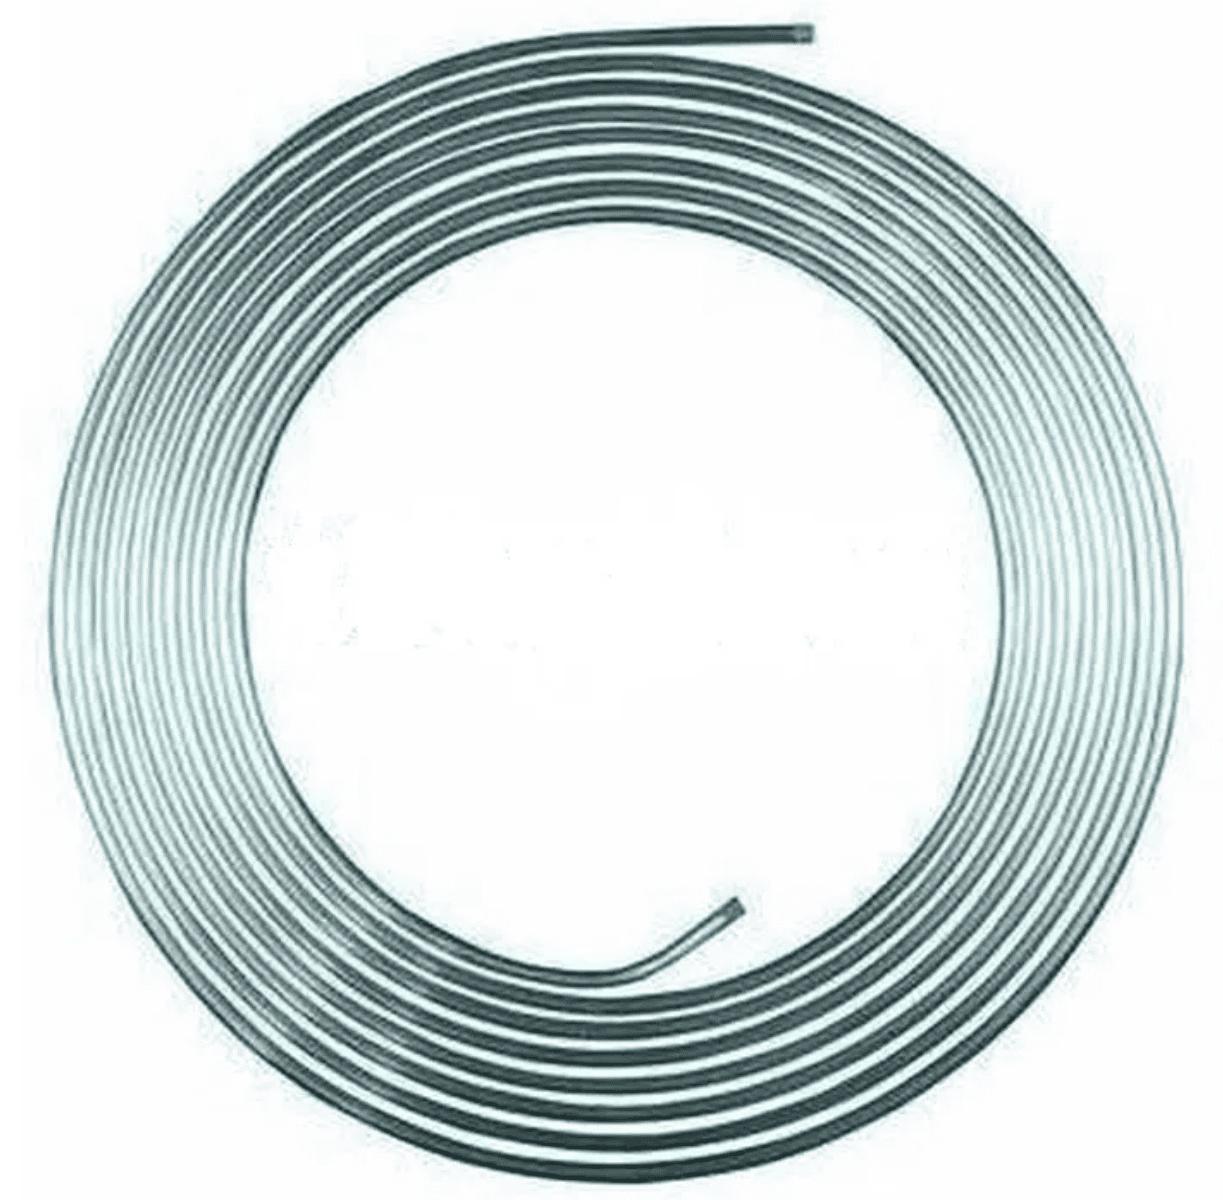 Serpentina Refrigeração Chopeira Cano Alumínio 15 Metros 1/2 Polegada  - Ambientude Agro e Pet